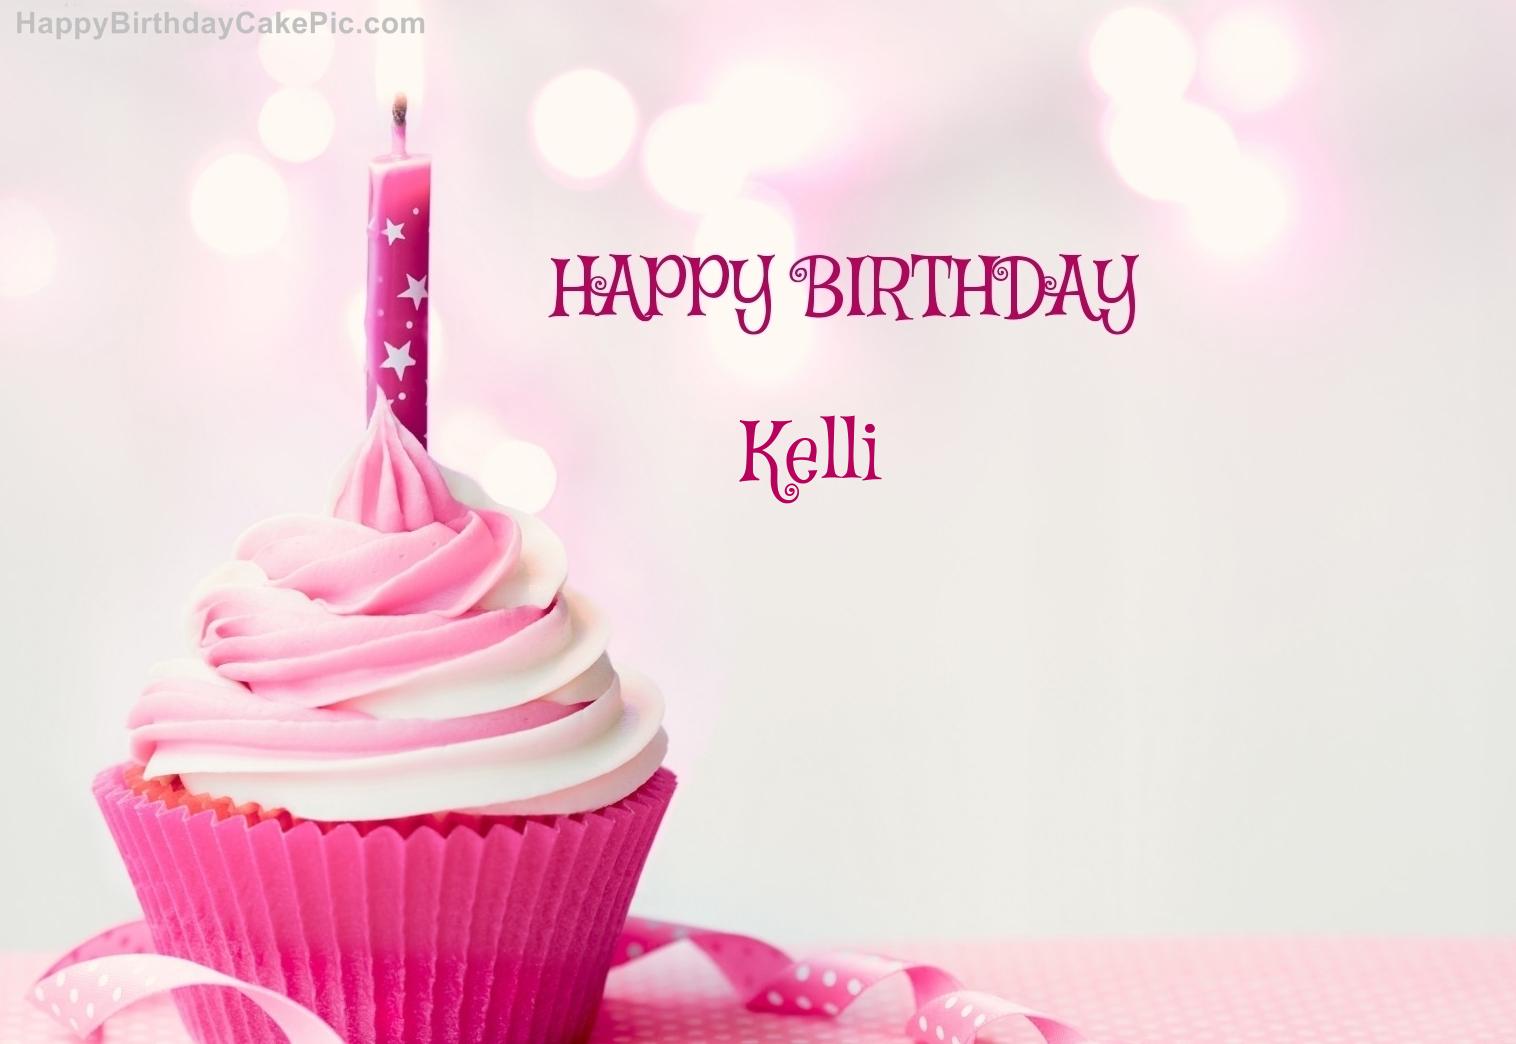 happy birthday kelli Happy Birthday Cupcake Candle Pink Cake For Kelli happy birthday kelli